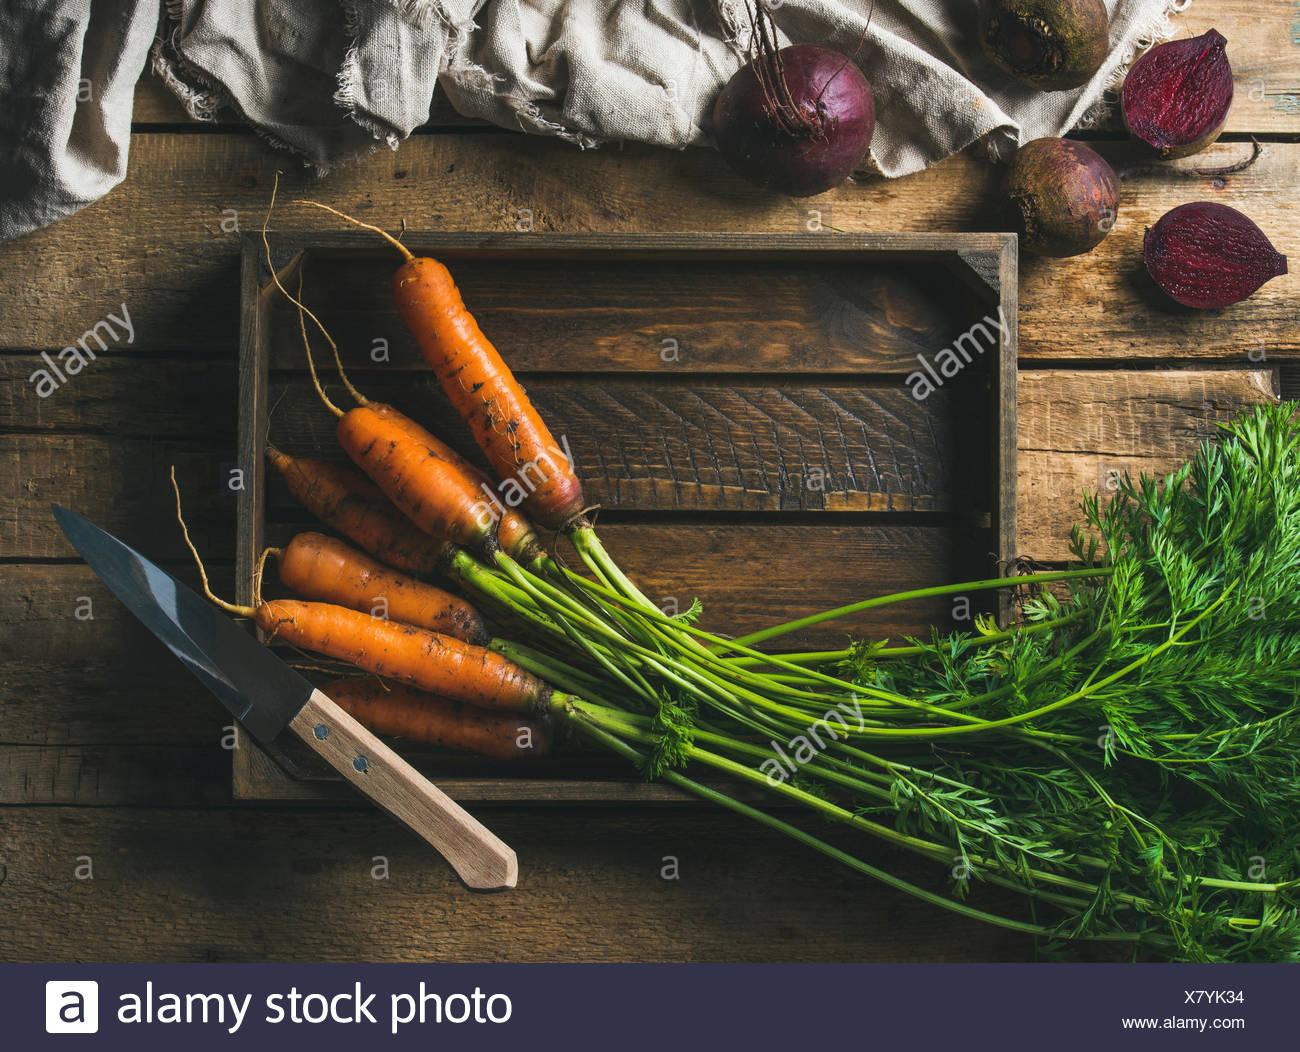 Arrière-plan de cuisson des aliments sains. Ingrédients de légumes. Frais jardin les carottes et les betteraves en plateau en bois au bac en bois rustique Photo Stock